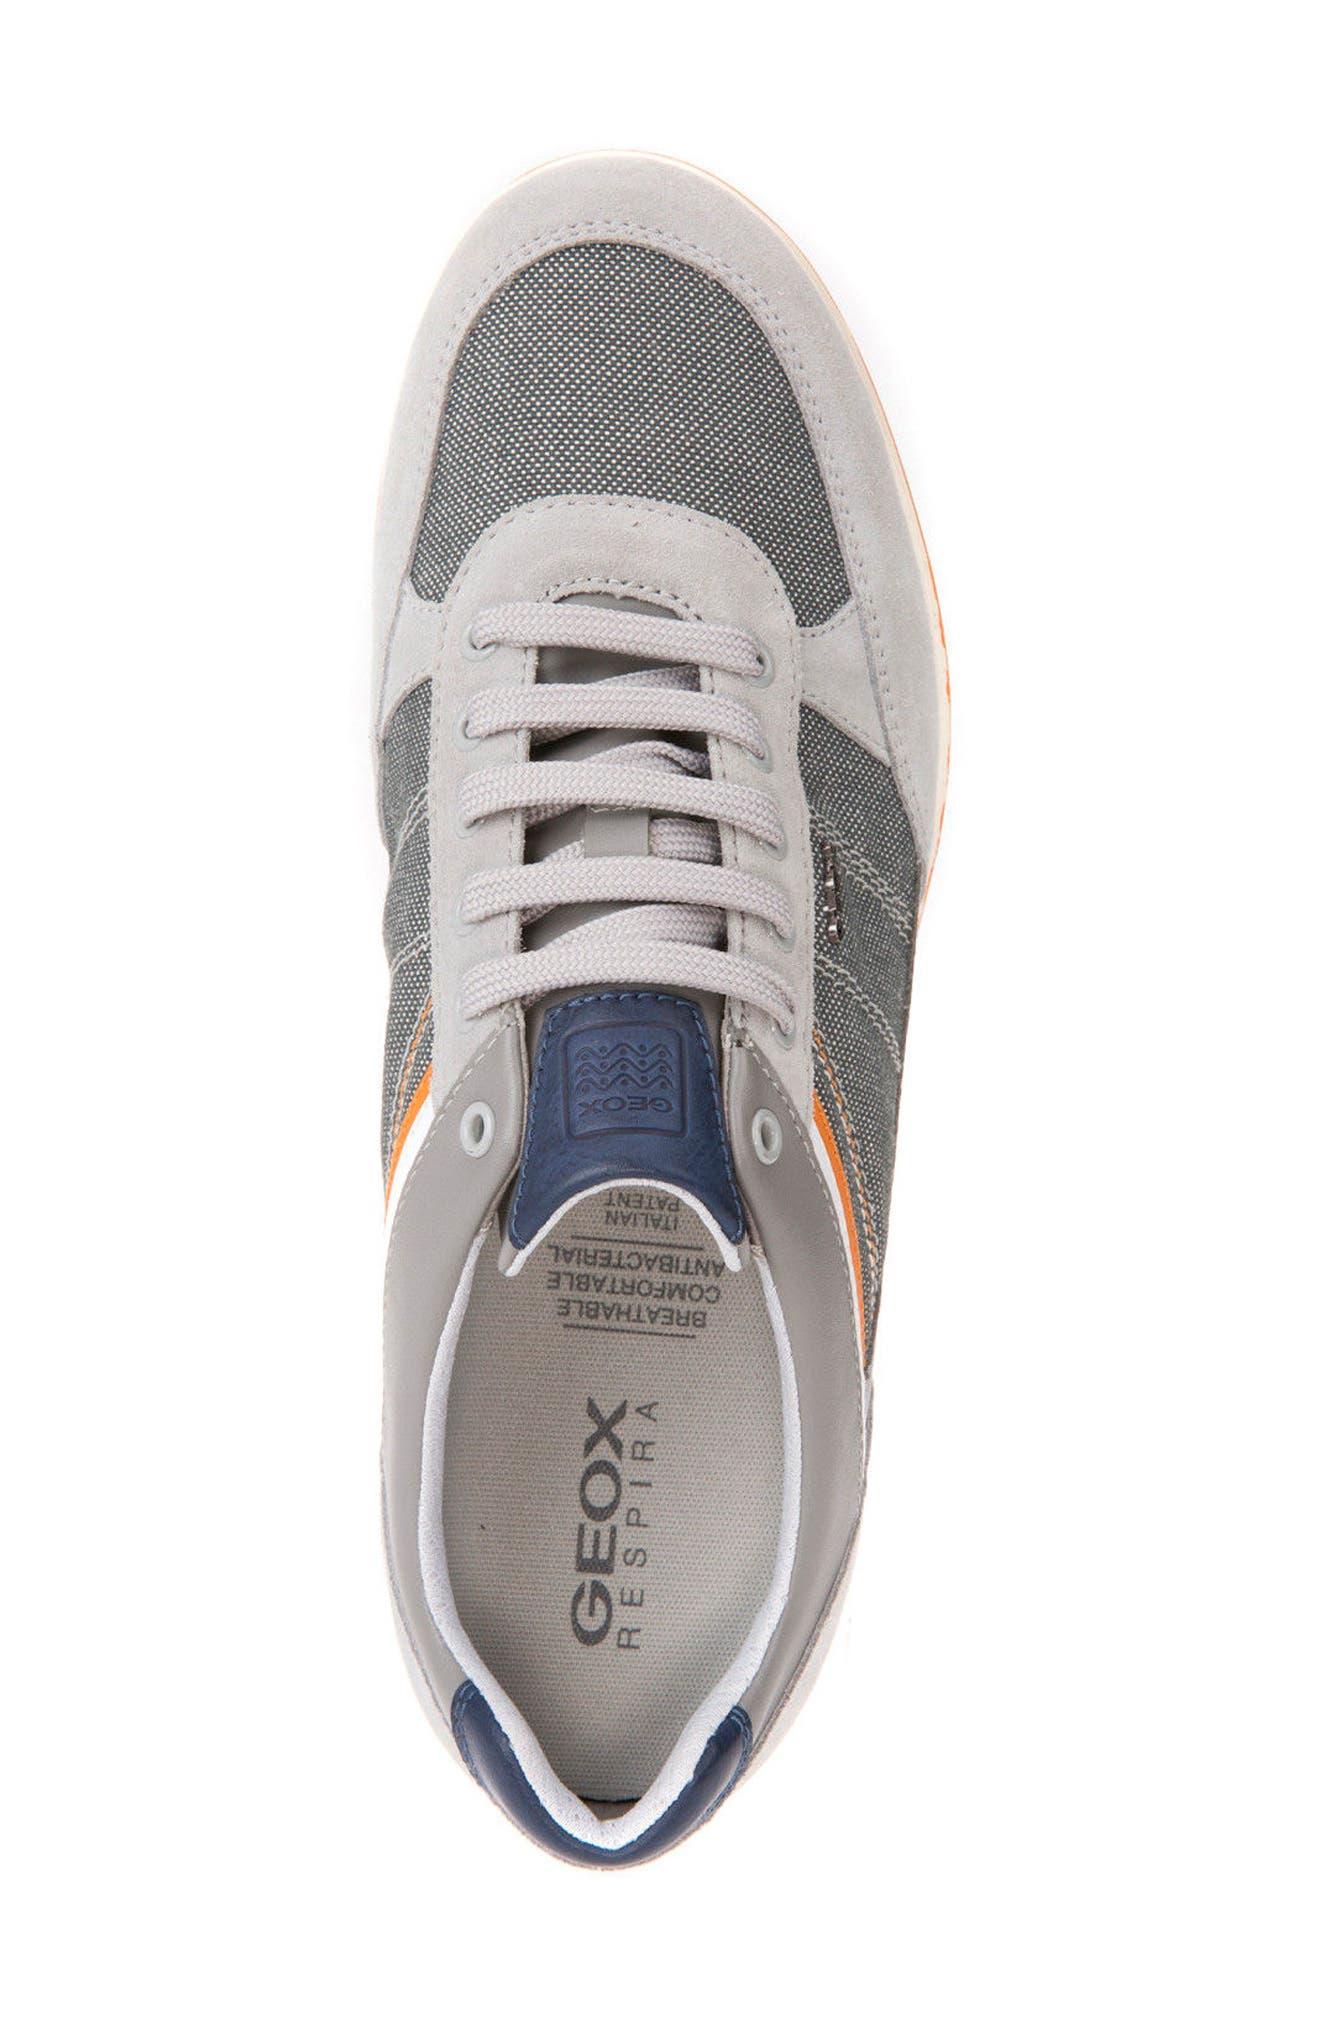 Renan 1 Low Top Sneaker,                             Alternate thumbnail 5, color,                             030